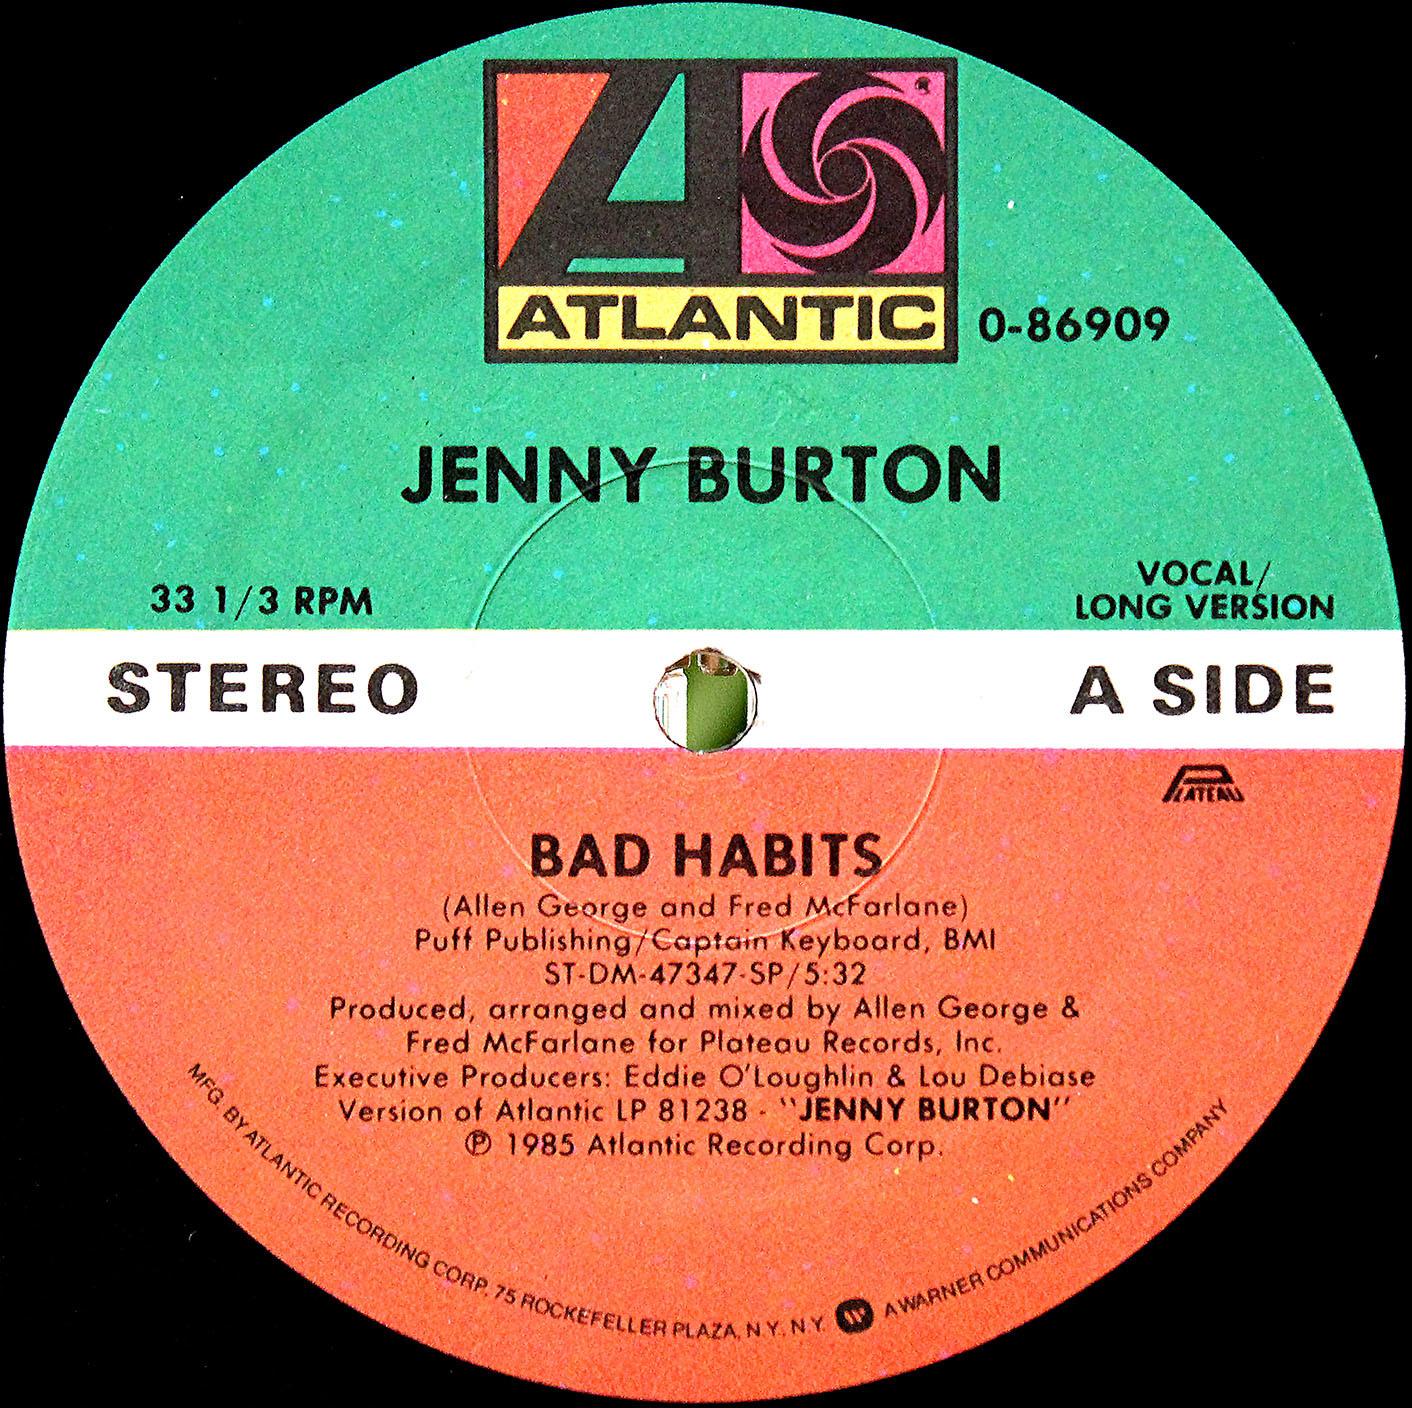 Jenny Burton – Bad Habits 02